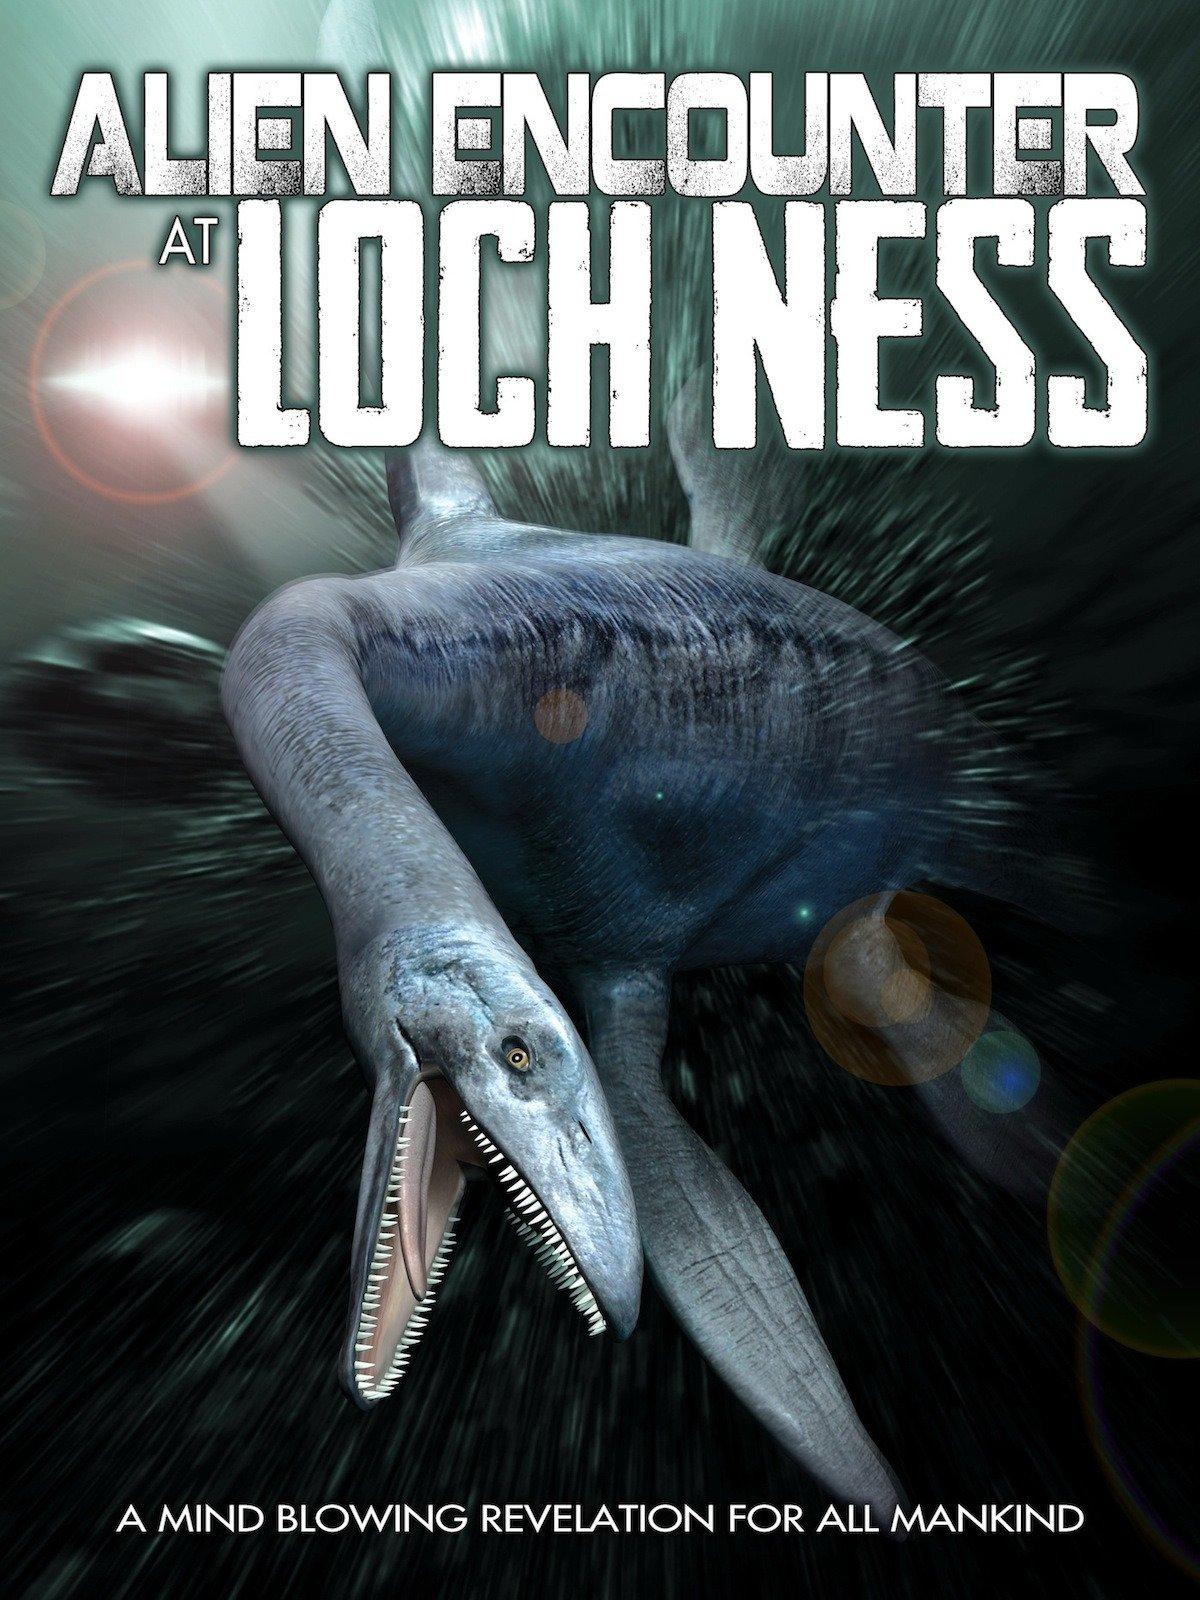 Alien Encounters at Loch Ness